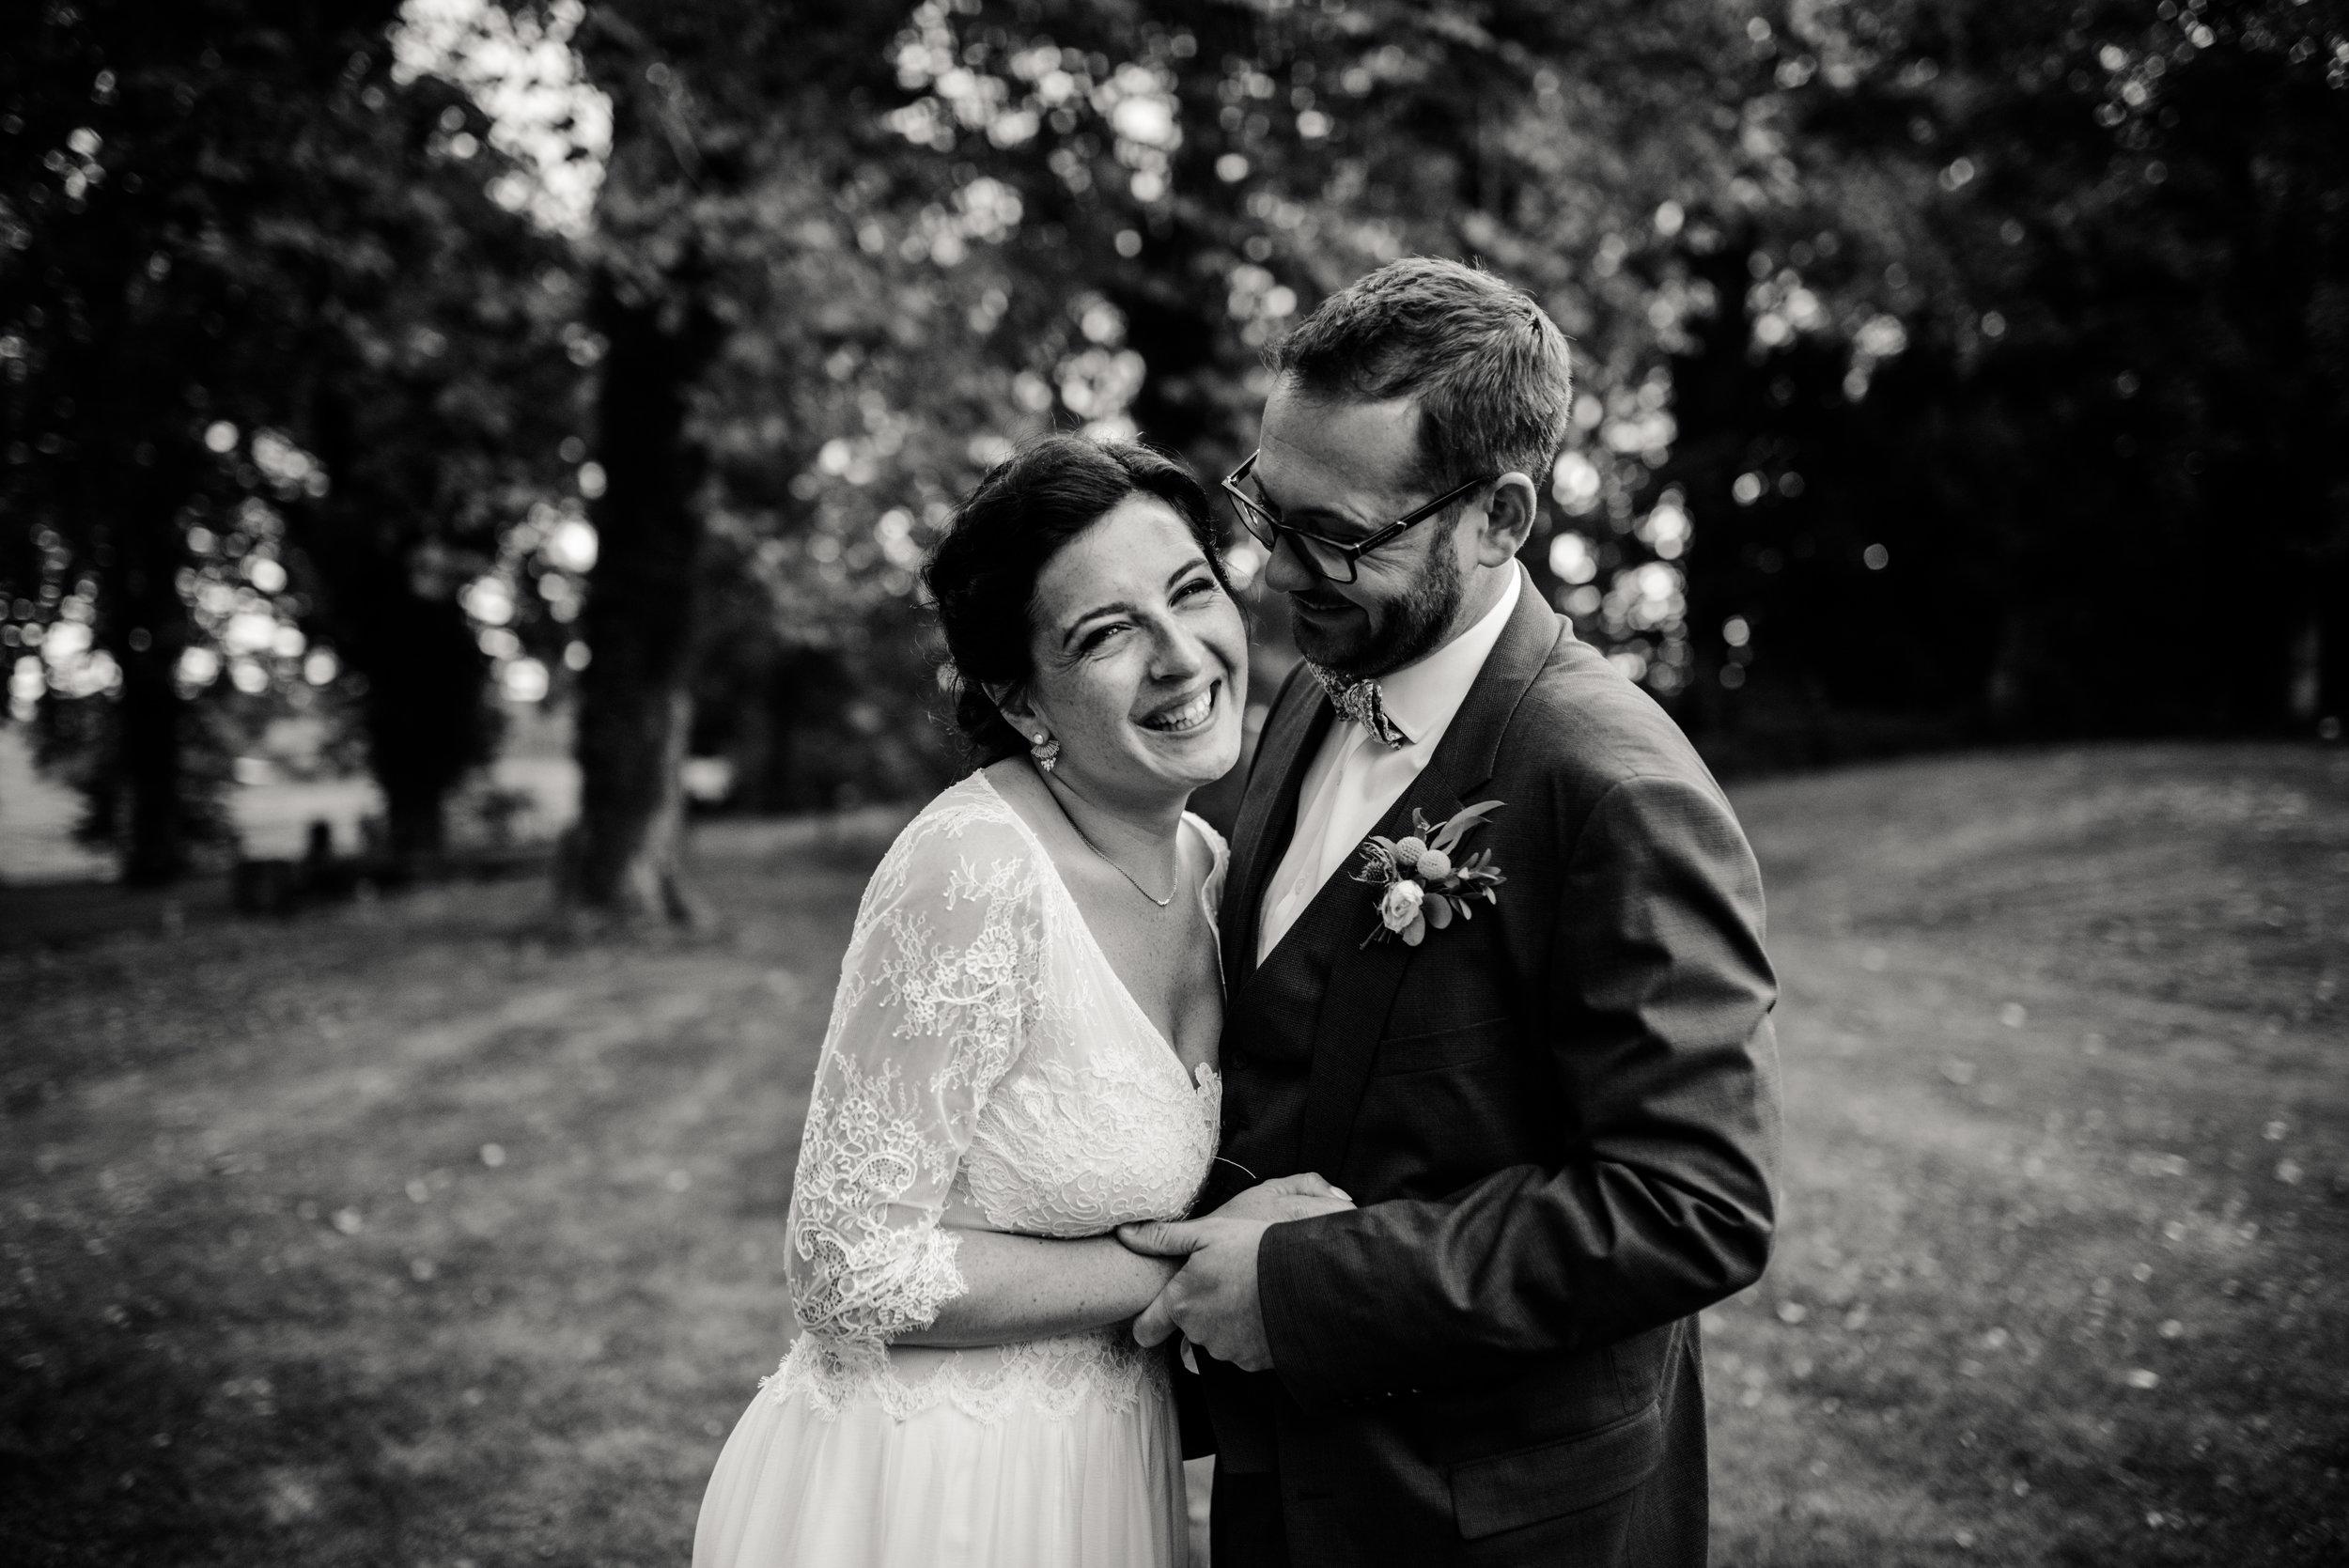 Léa-Fery-photographe-professionnel-lyon-rhone-alpes-portrait-creation-mariage-evenement-evenementiel-famille--198.jpg